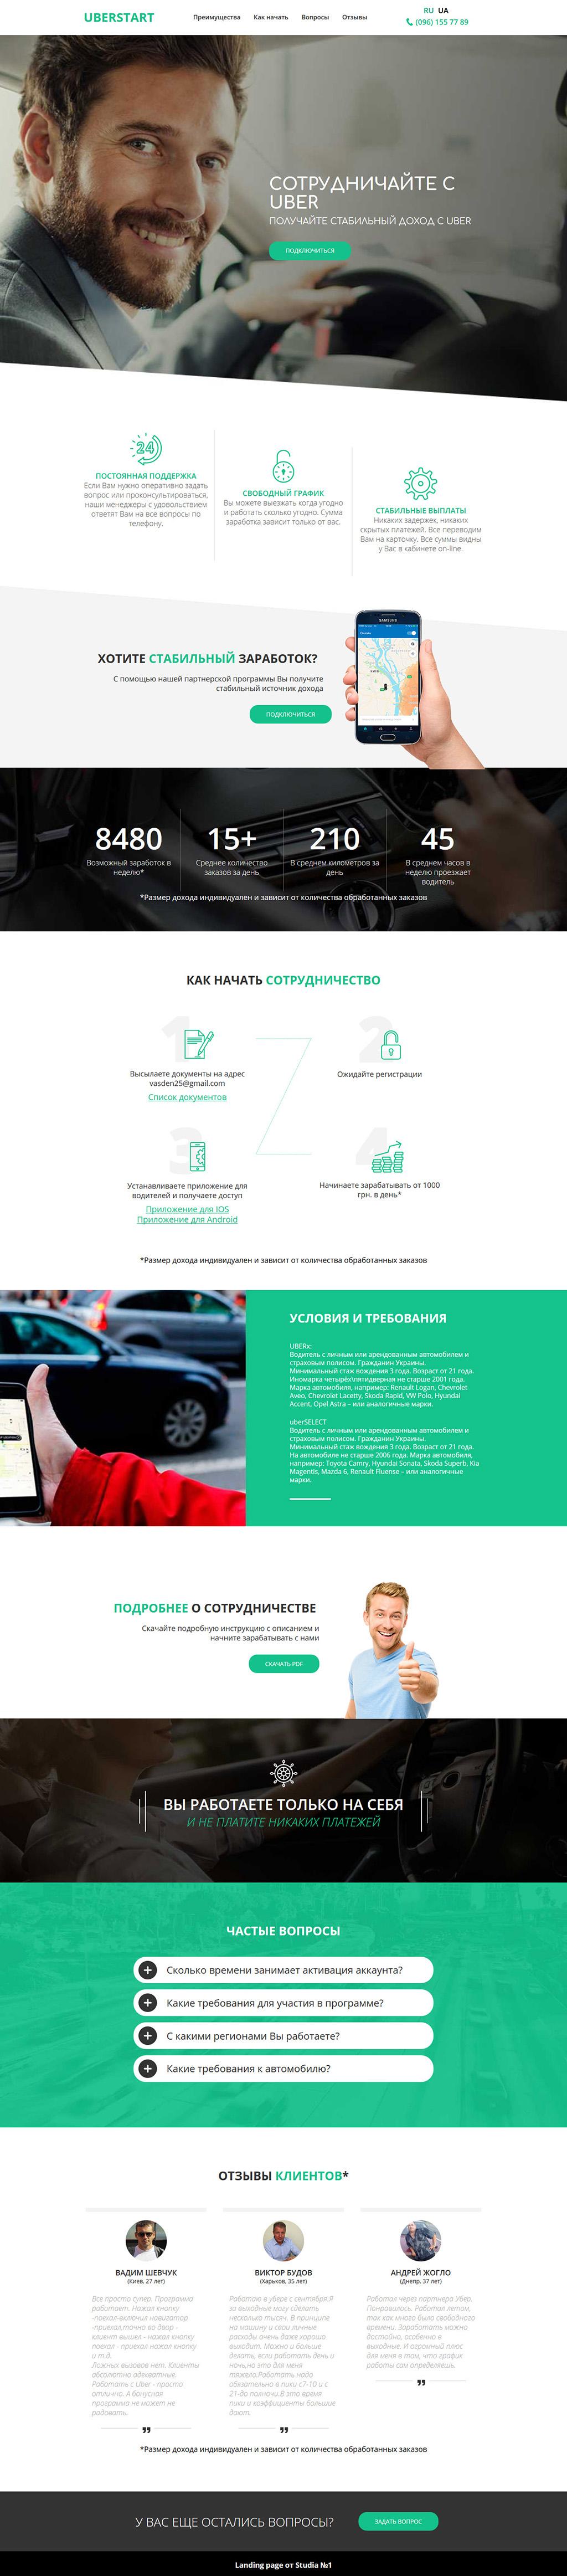 Landing Page — Работа в Uber